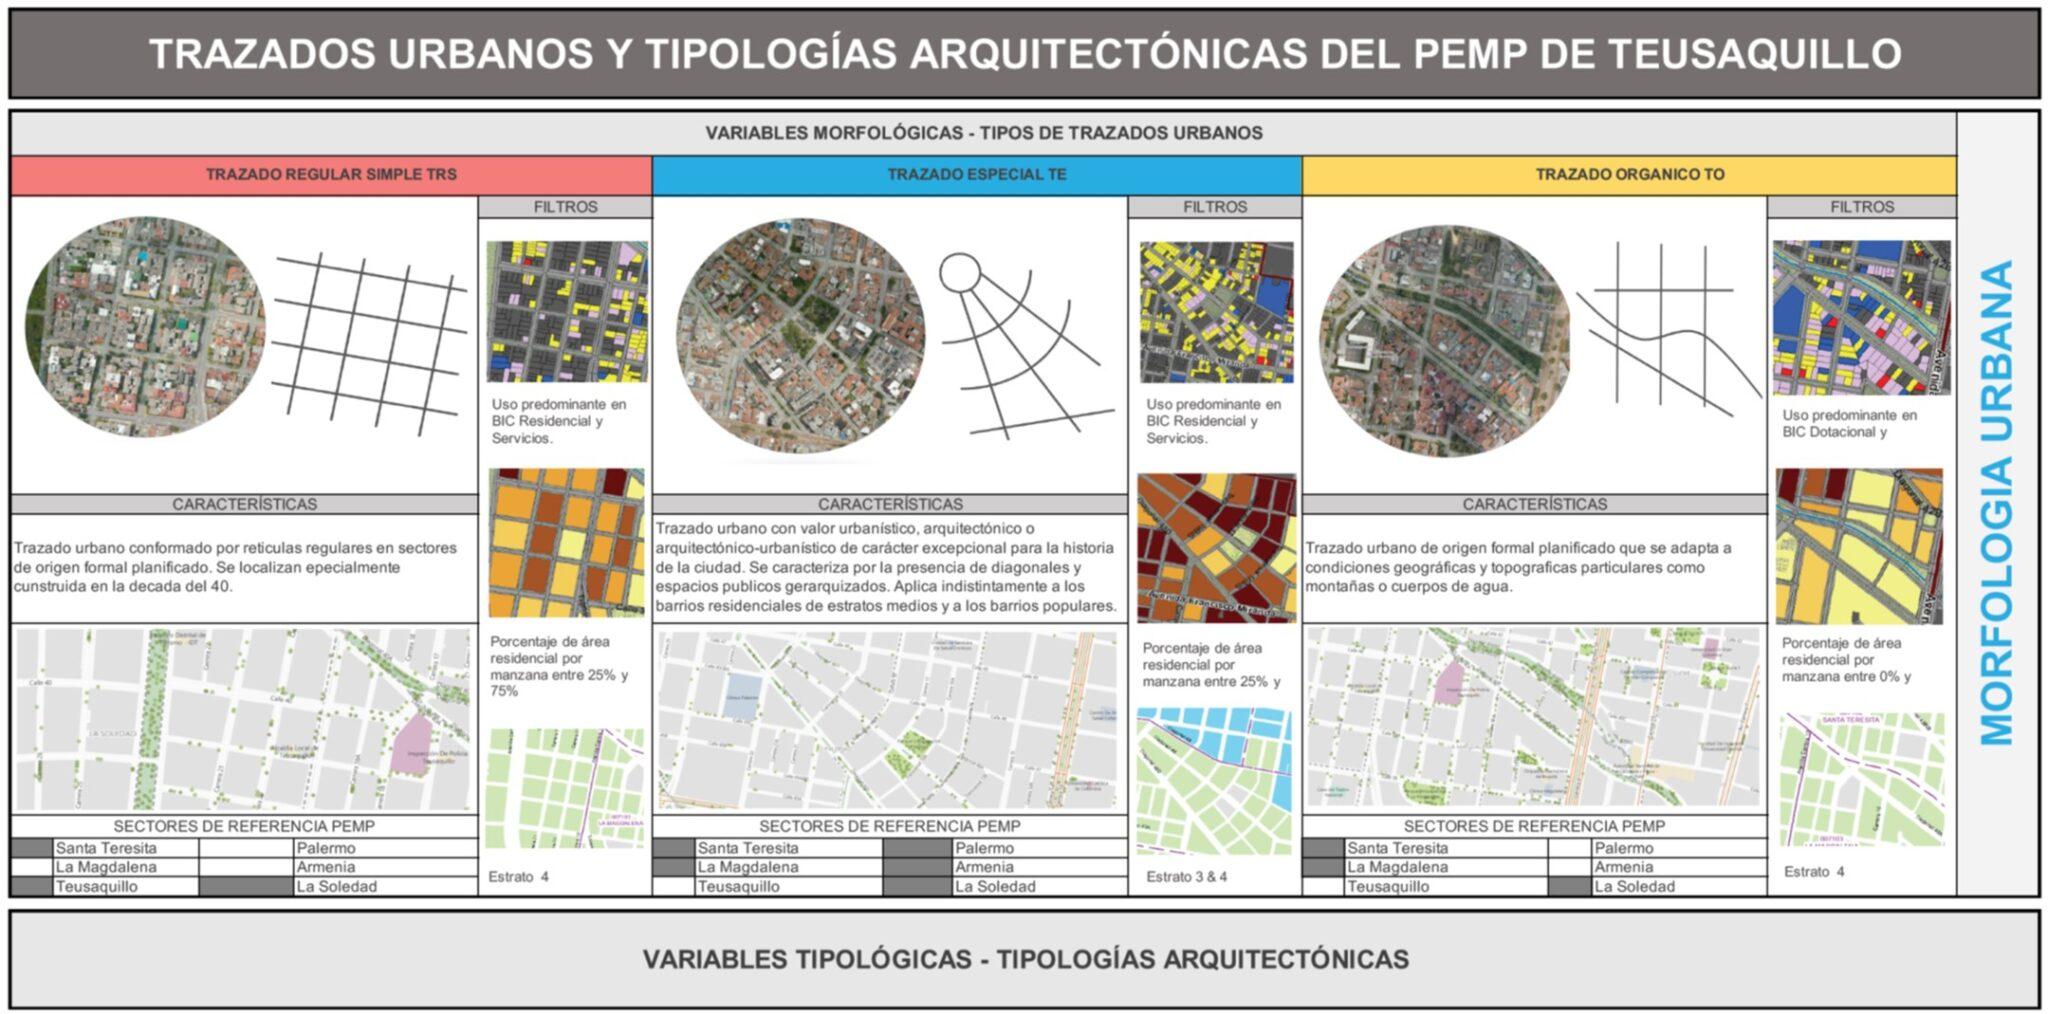 IDPC - PEMP Teusaquillo Diagnóstico Tipologías arquitectónicas